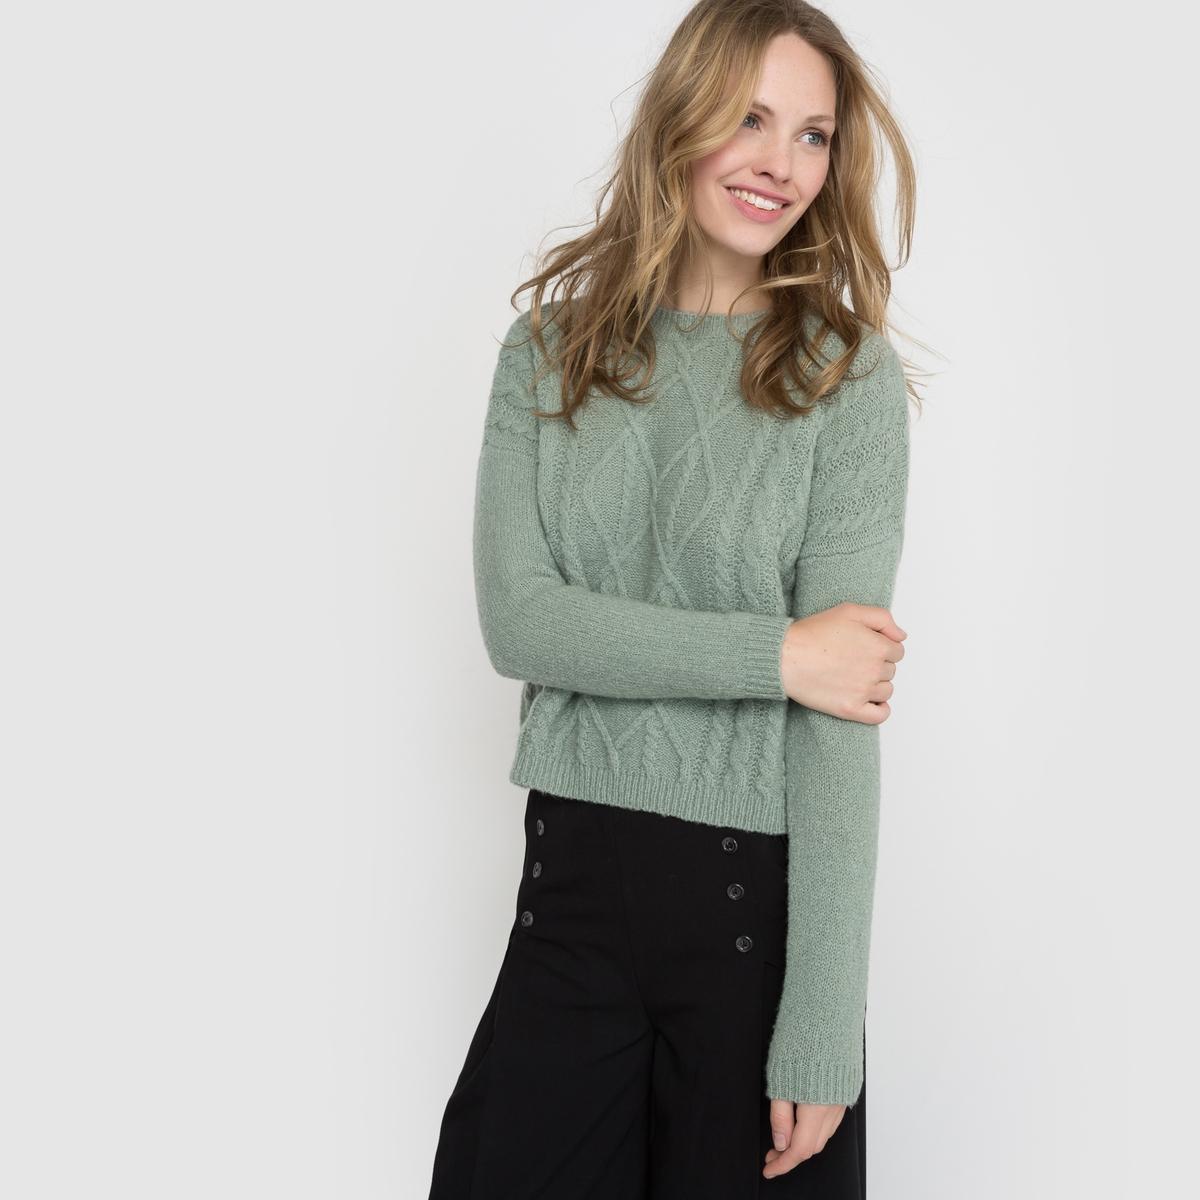 Пуловер короткий с узором косыСостав и описание :Длина : 52 смМатериал : 72% акрила, 25% полиамида, 3% эластанаМарка :      R ?ditionУходСтирка при 30° с одеждой подобного цвета Не гладить<br><br>Цвет: зеленый нефрит,розовый<br>Размер: 46/48 (FR) - 52/54 (RUS)